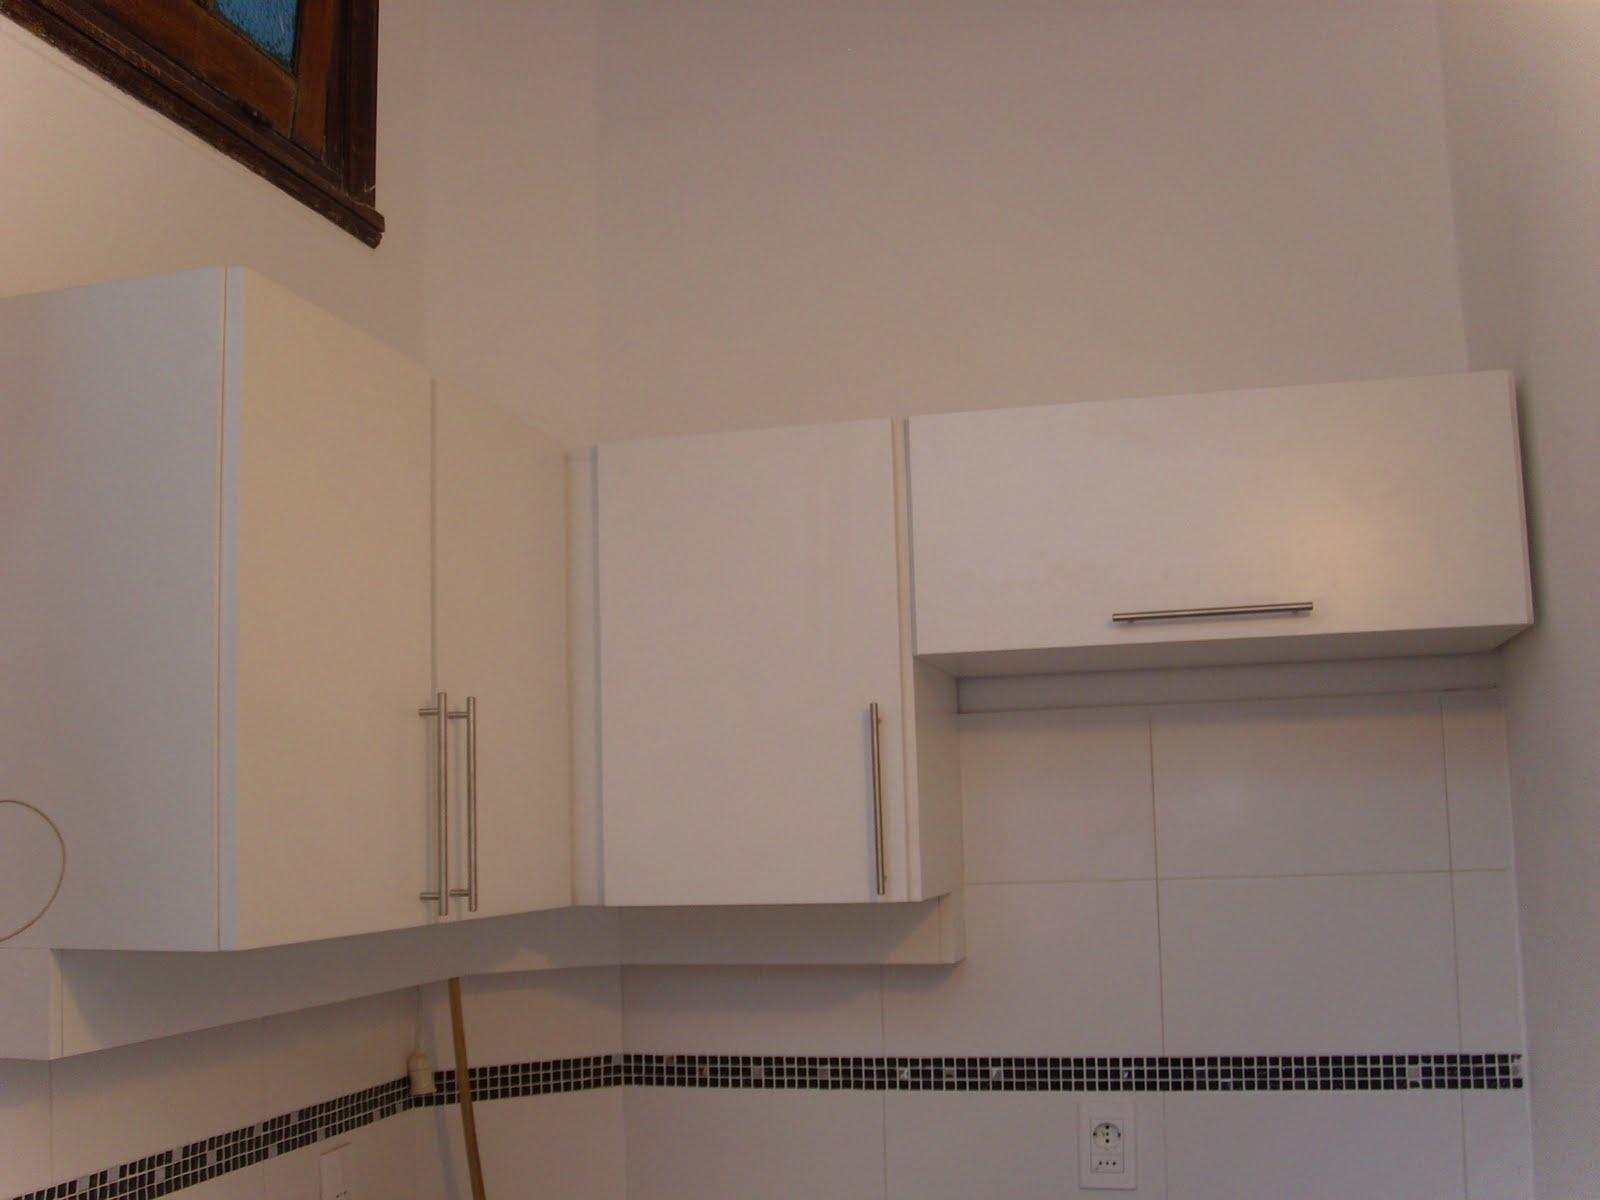 de la pared) para tubo de luz Y mueble aéreo con puerta de apertura